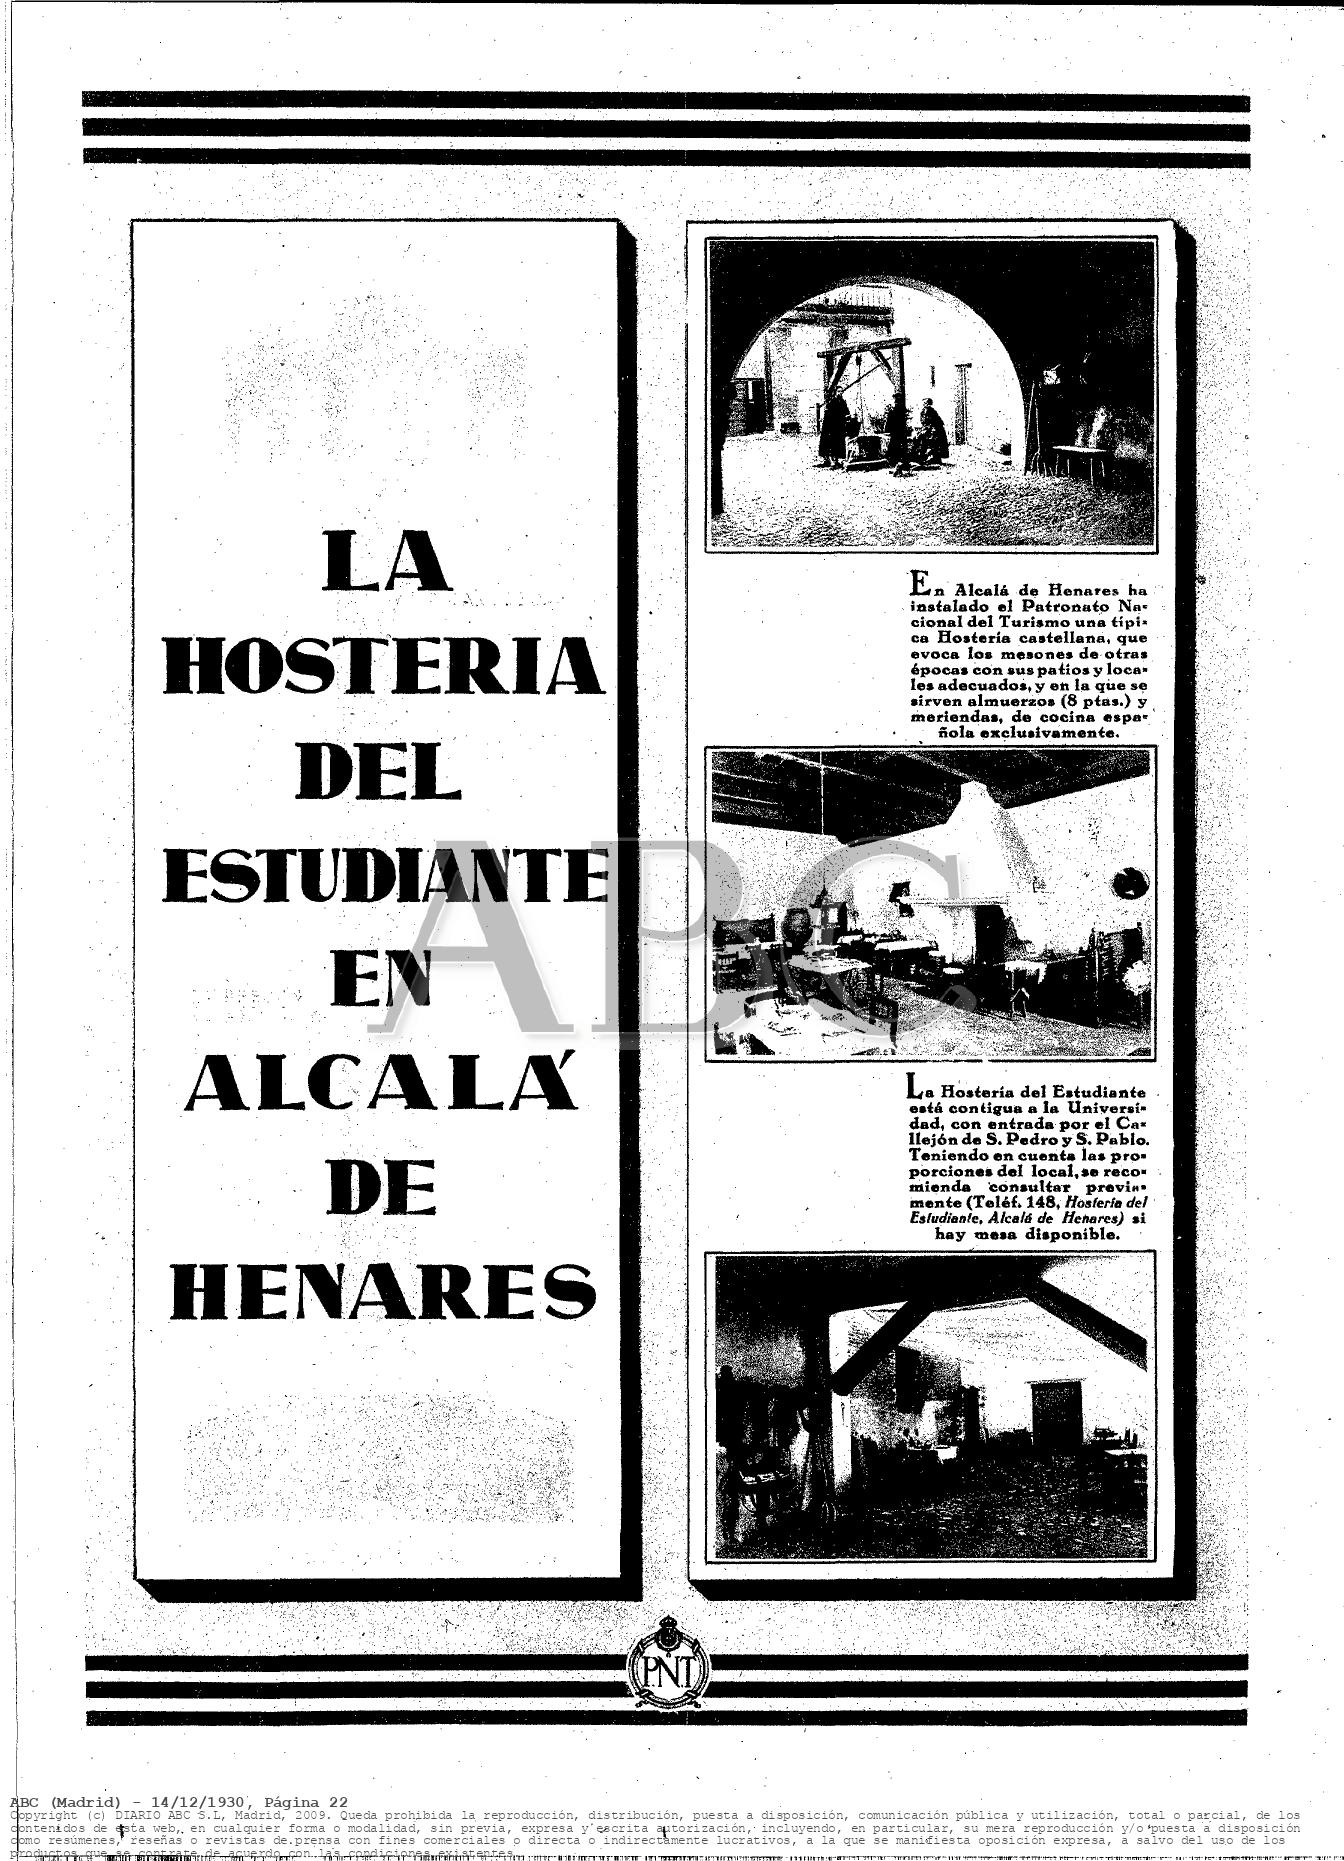 La Hostería del Estudiante y la publicidad en los años 30 del siglo XX